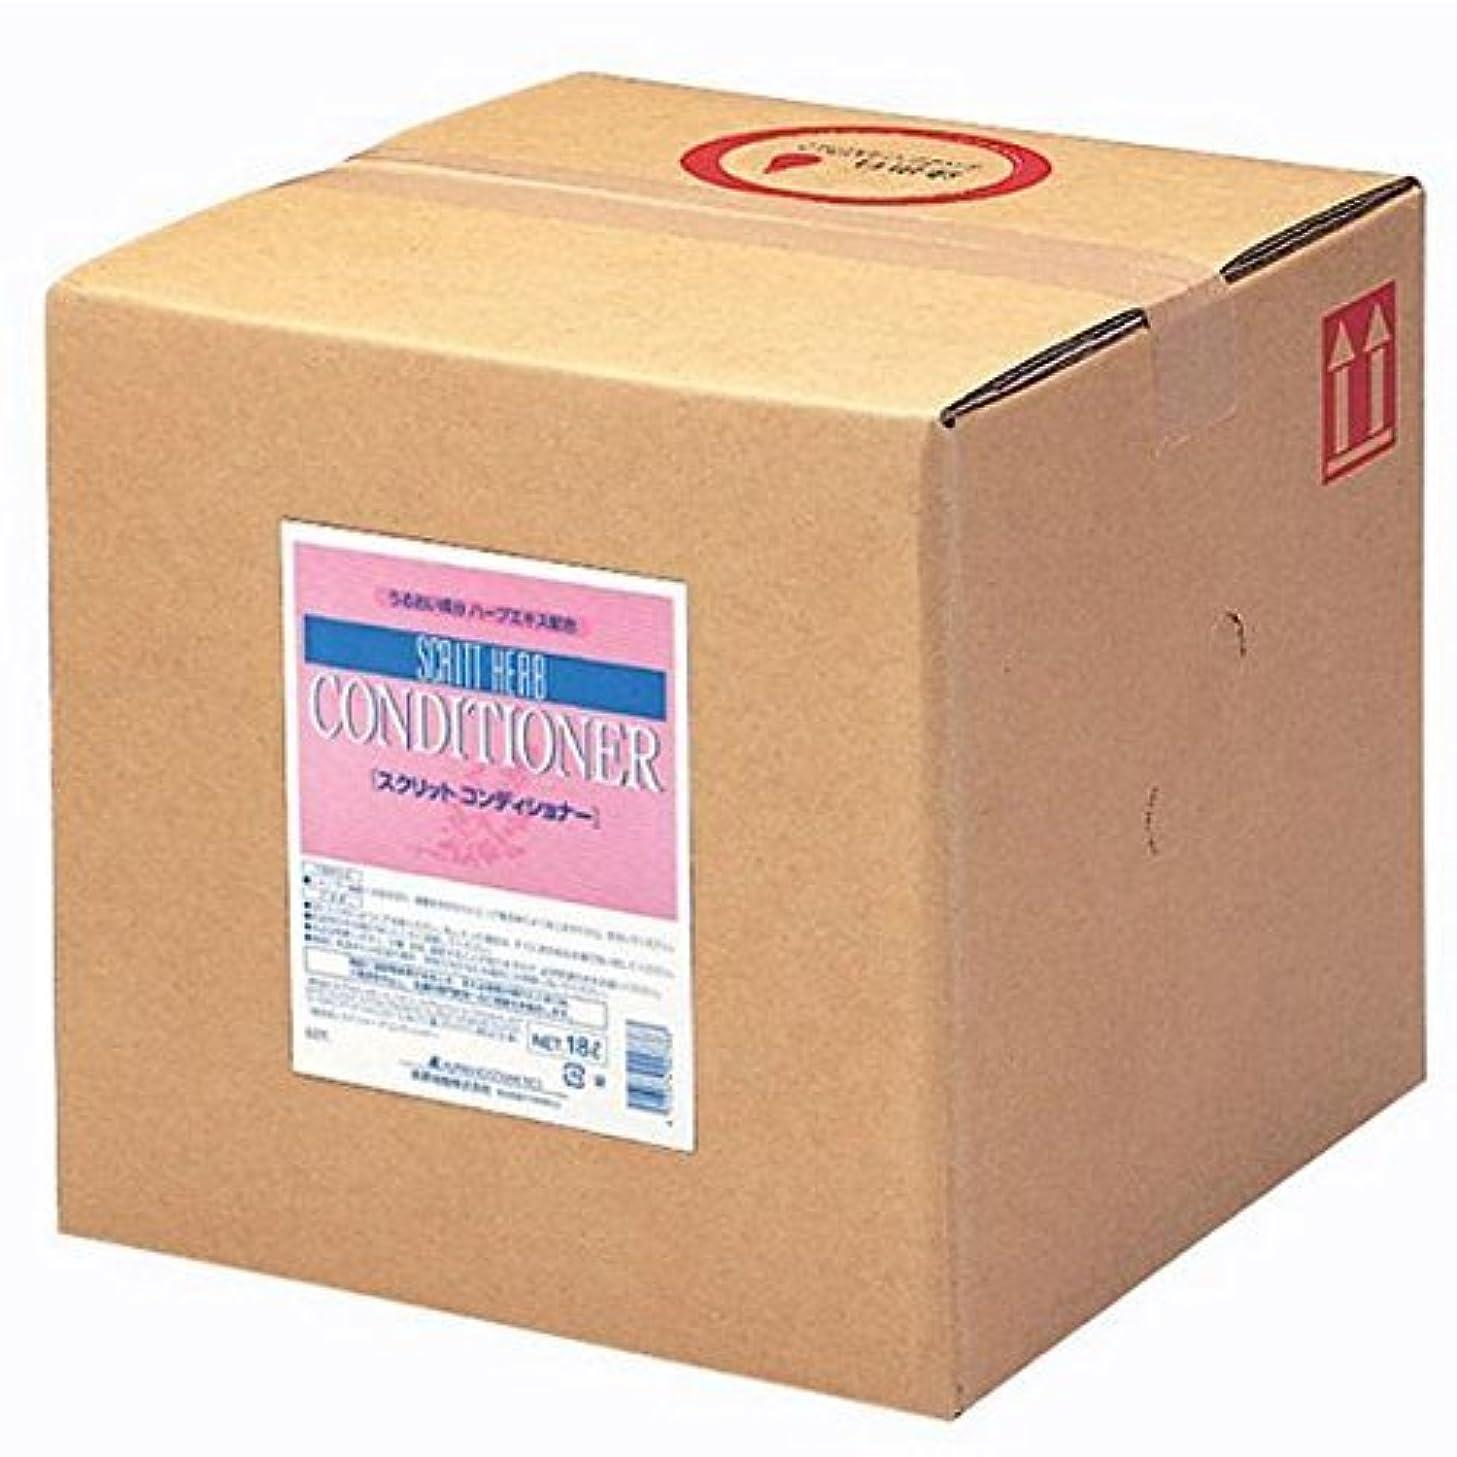 地味な磁気シネウィ業務用 スクリット(SCRITT) コンディショナー 18L 熊野油脂 (コック付き)